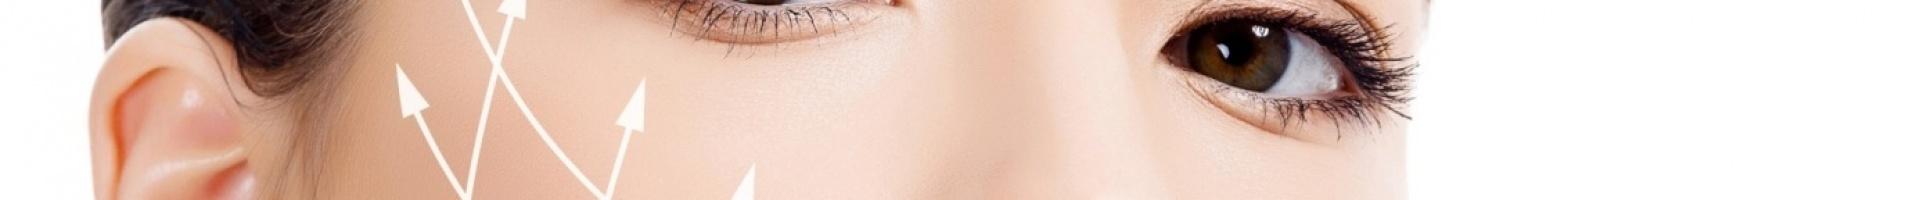 Vákuová terapia na tvár